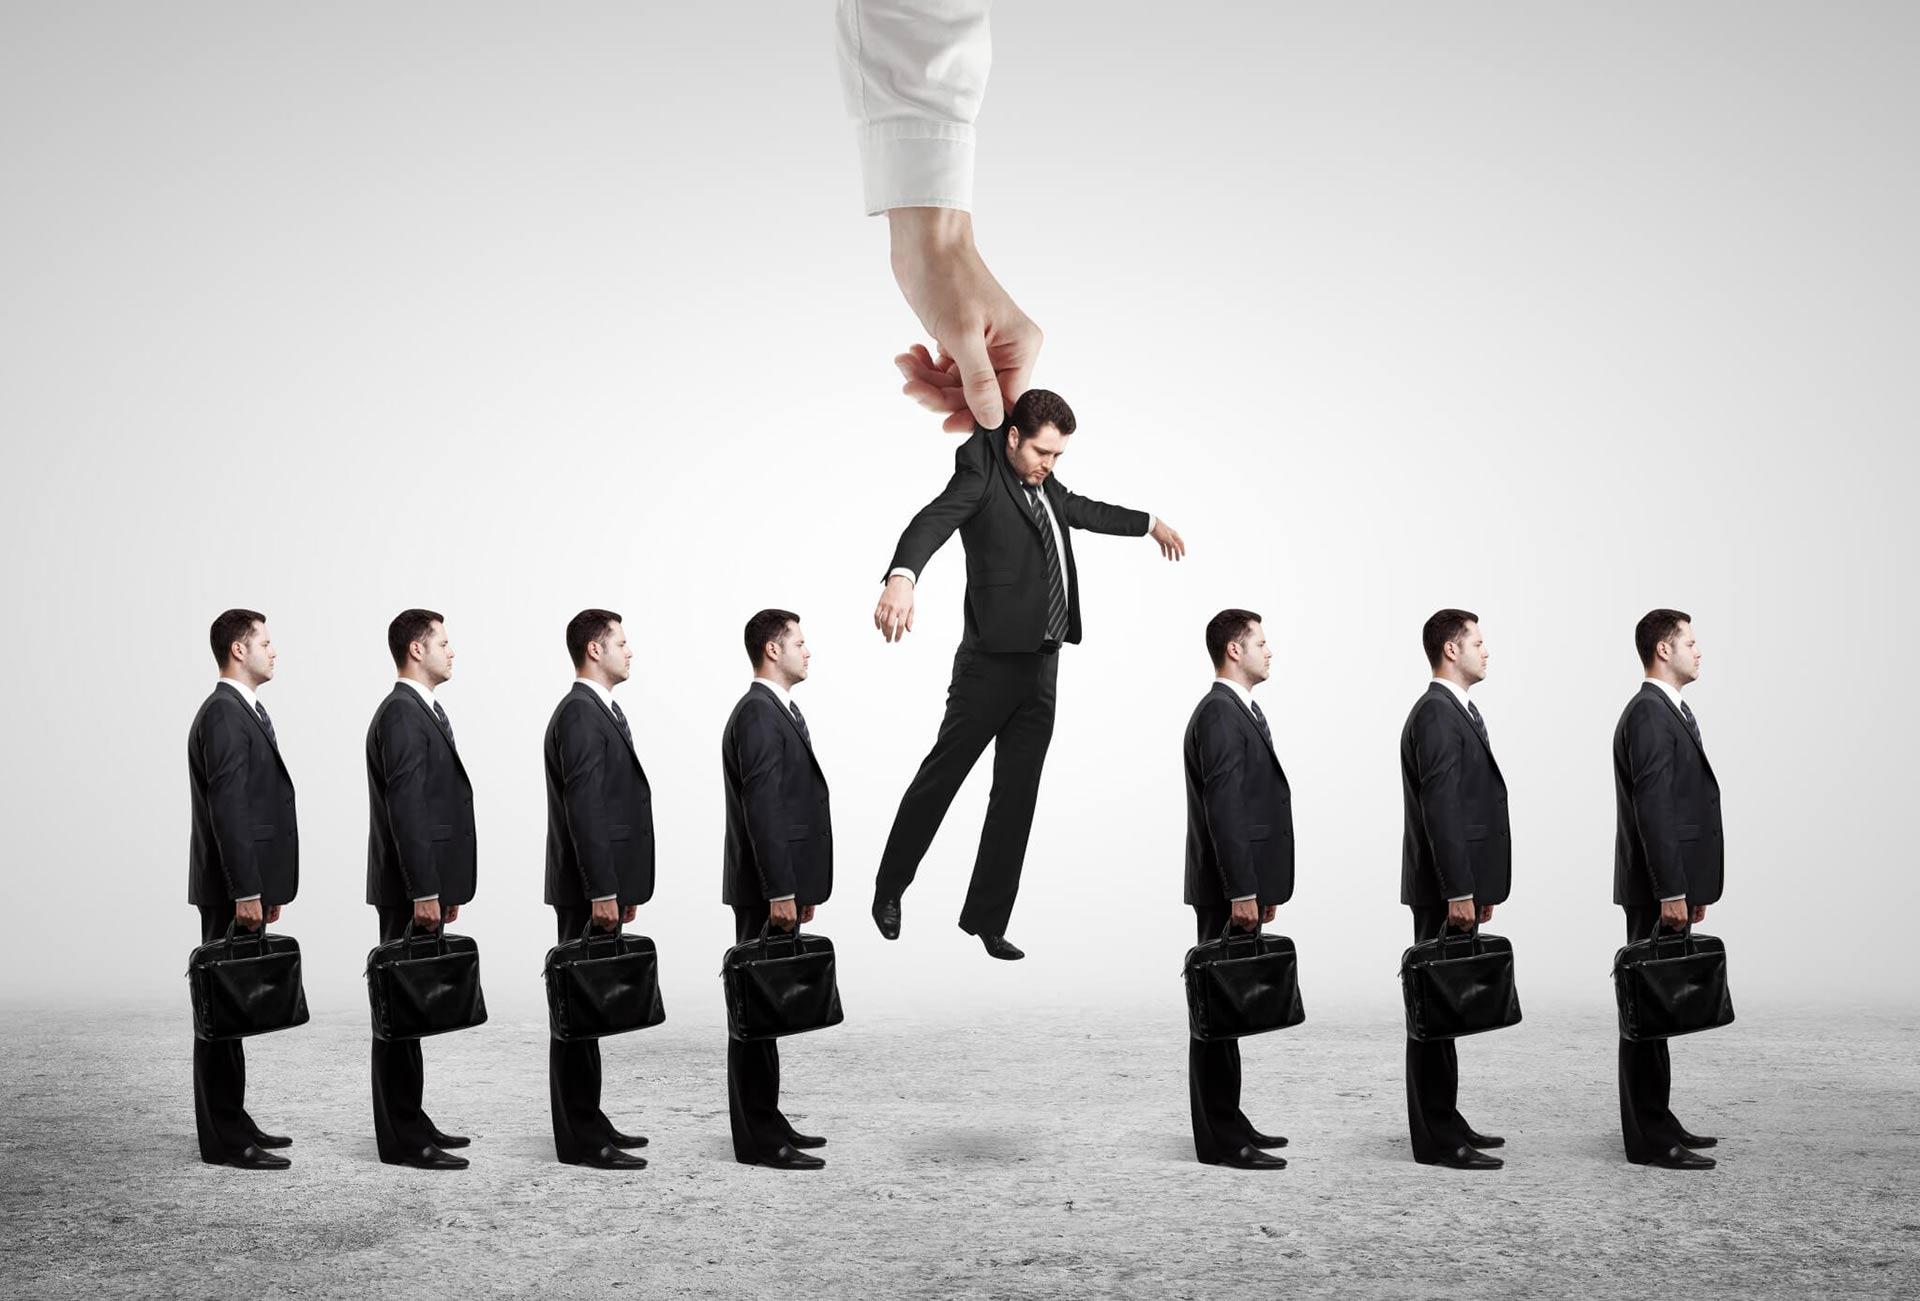 Вебинар: Профайлинг как навык выработки критического мышления у предпринимателей